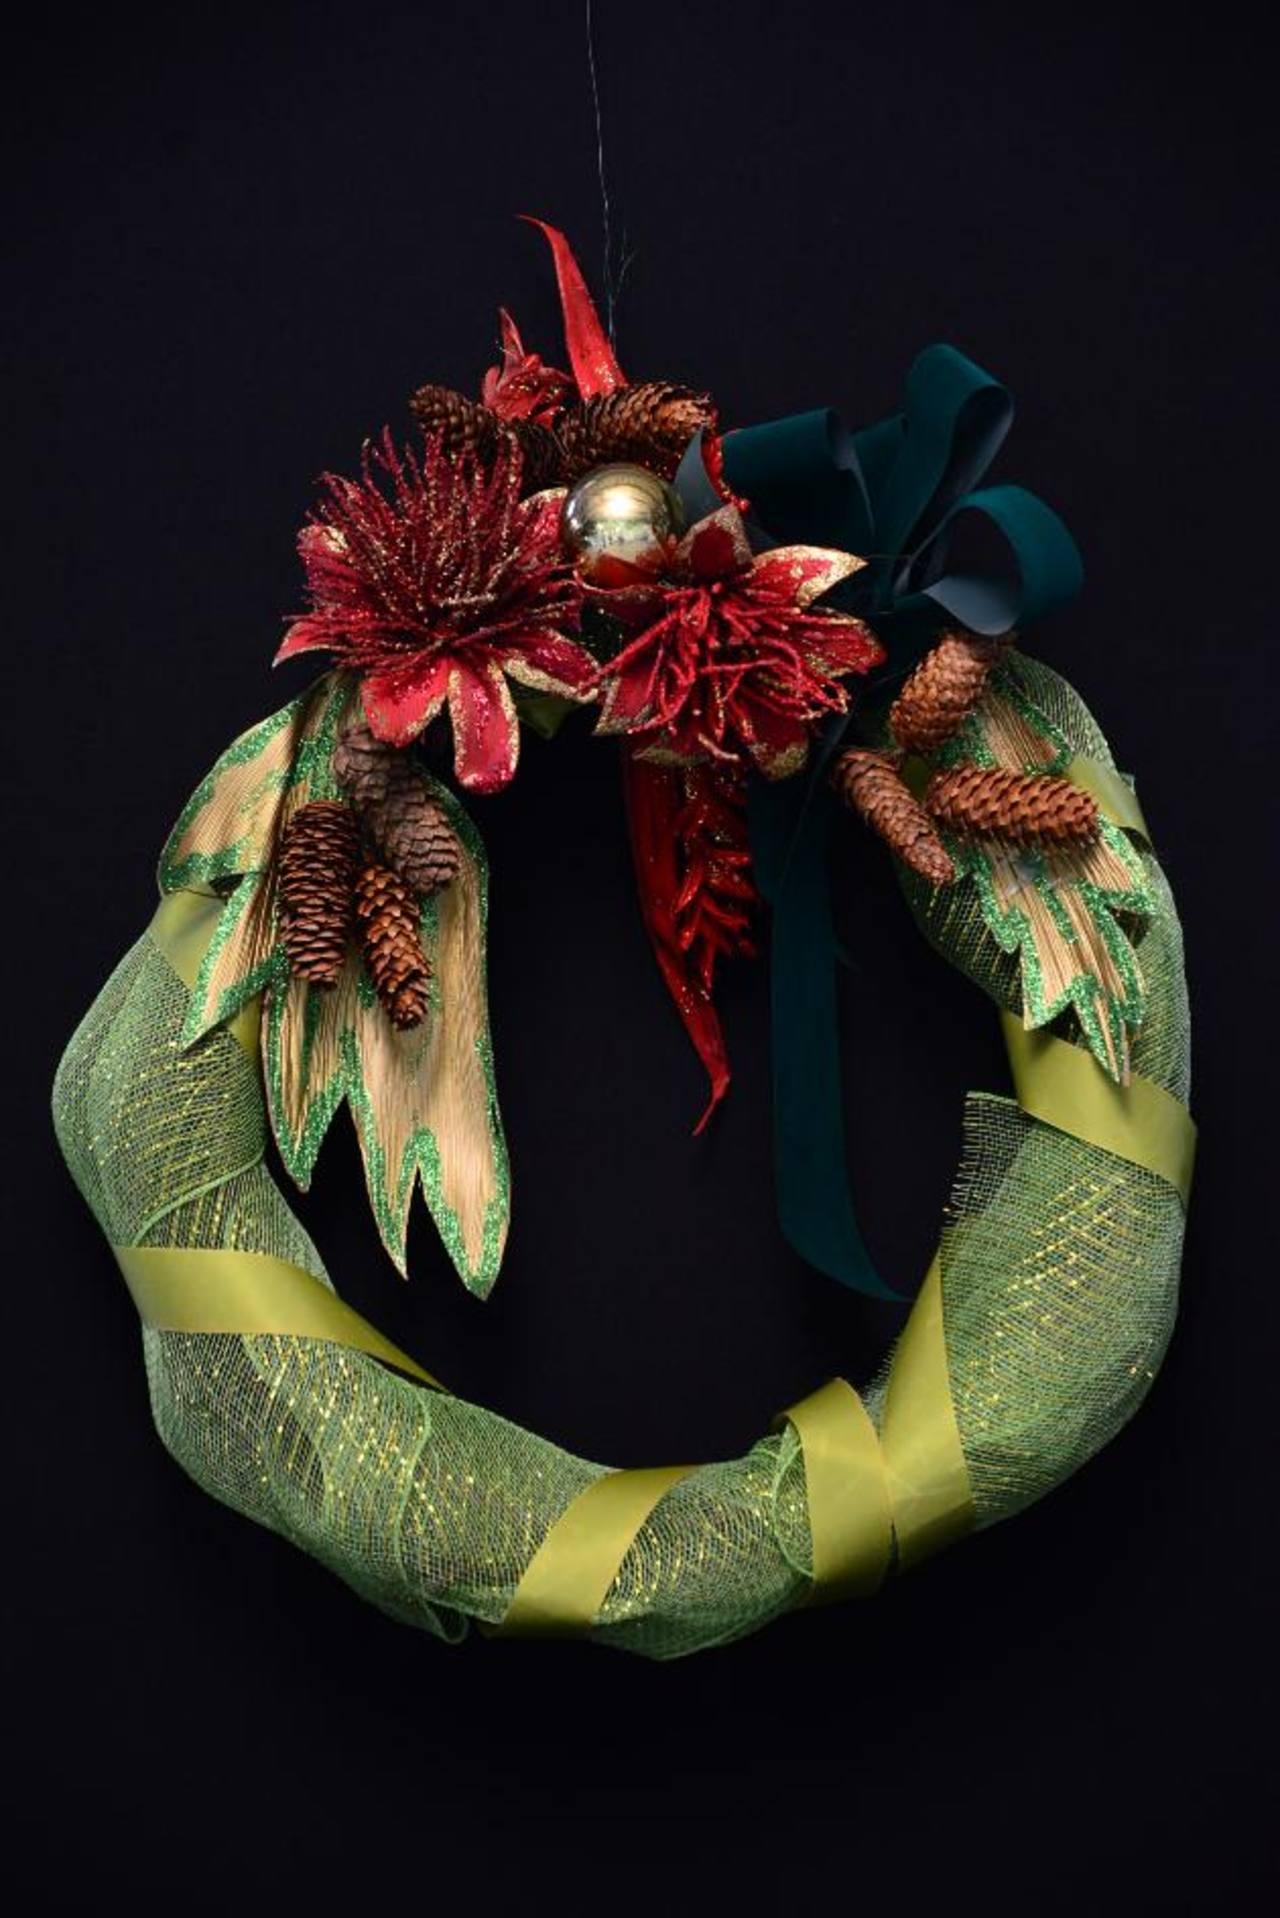 Las coronas navideñas serán uno de los arreglos que engalanarán la exposición. FOTO EDH/CÉSAR AVILÉS